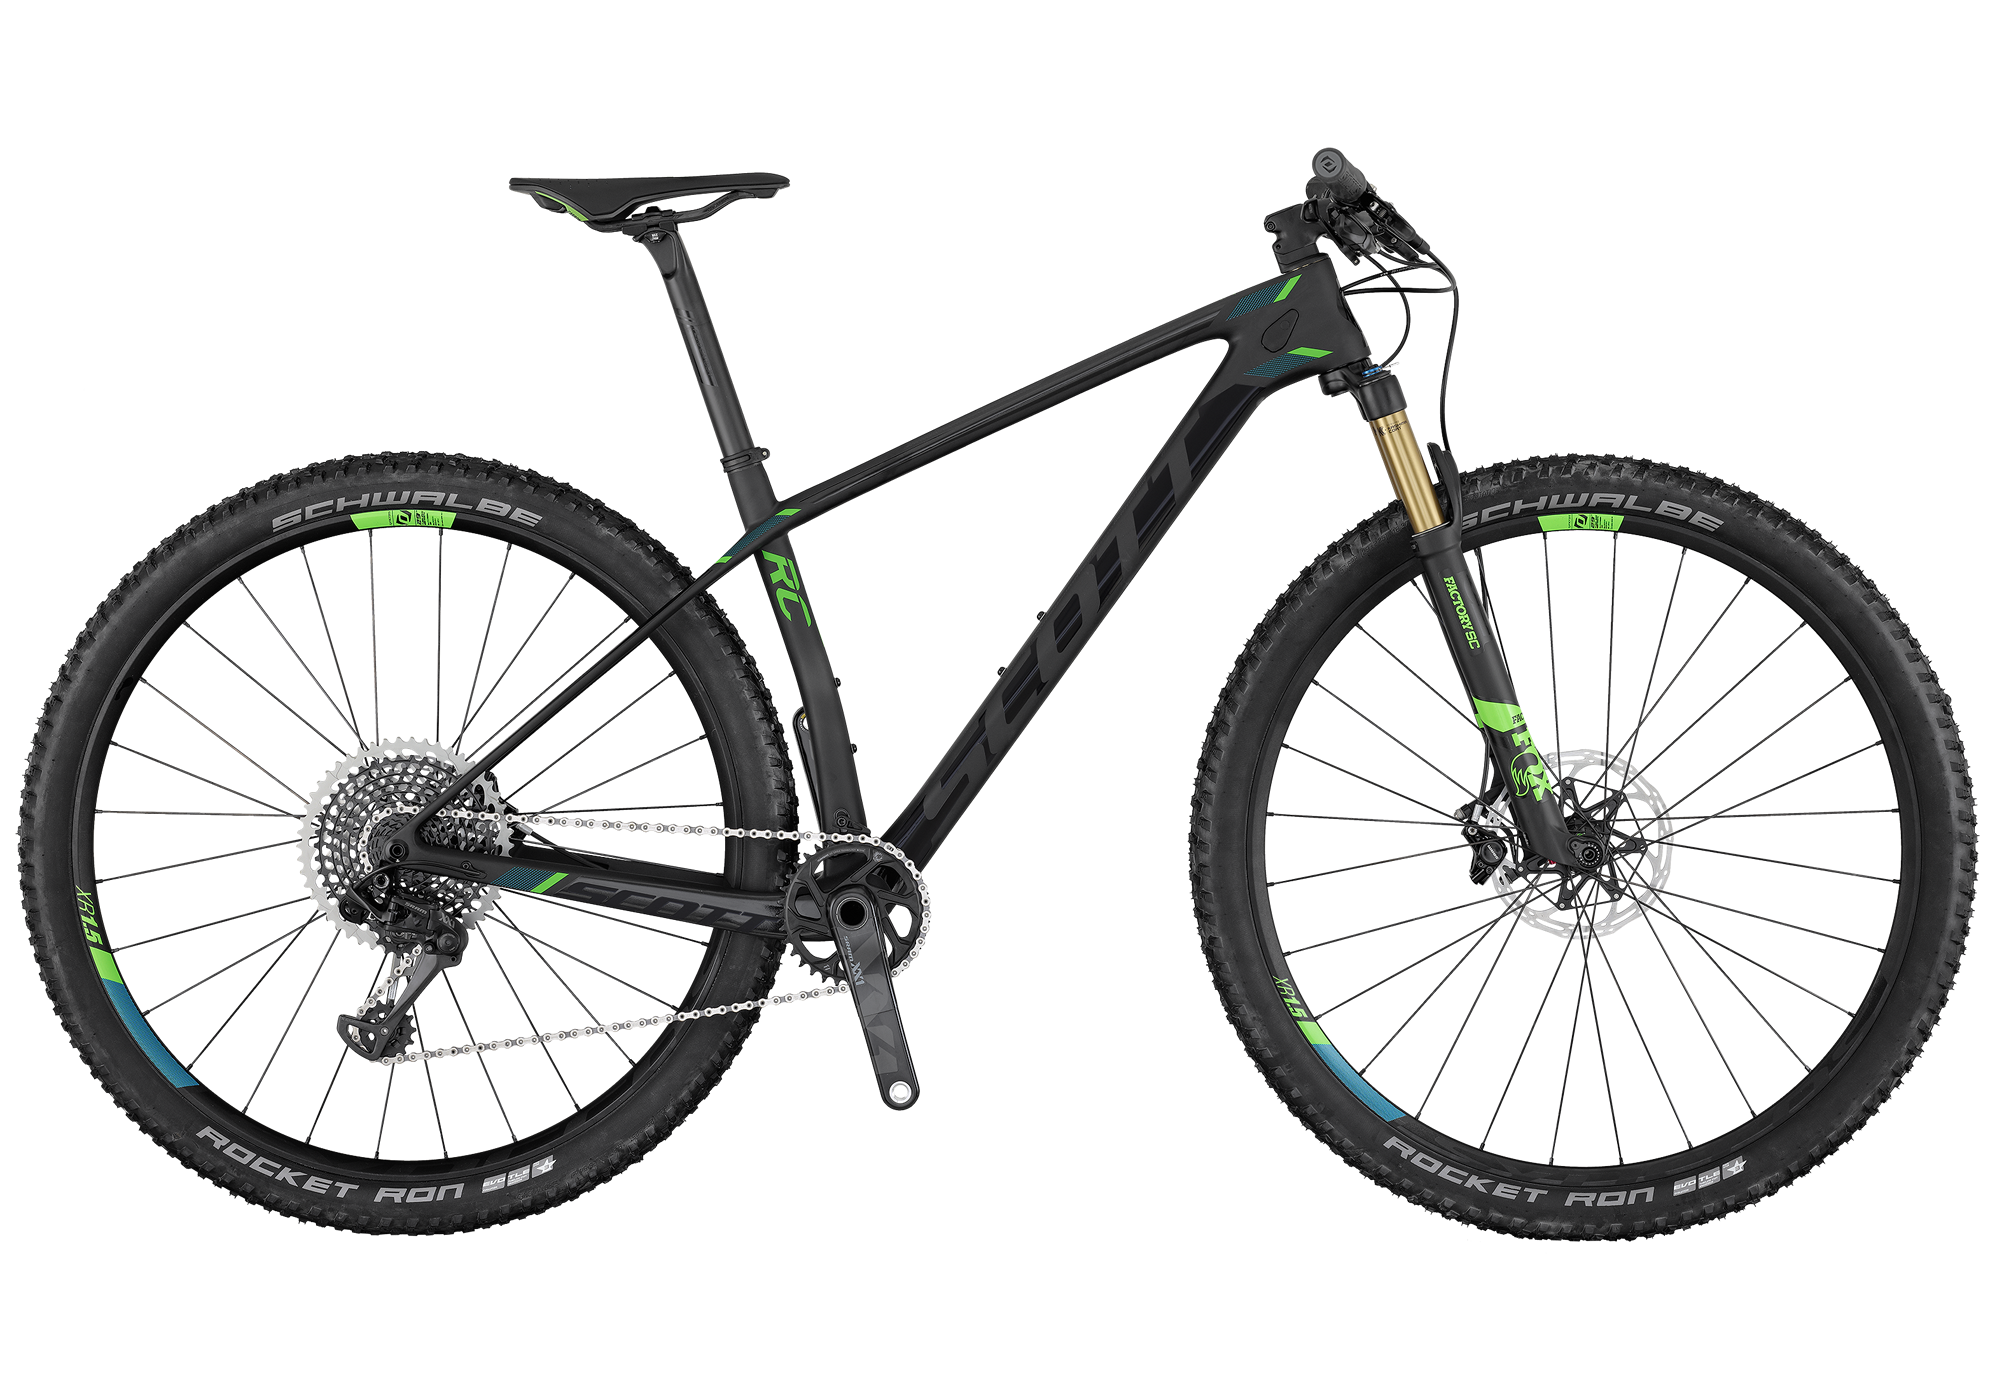 Bicicleta montaña Scale RC 900 Ultimate 2017